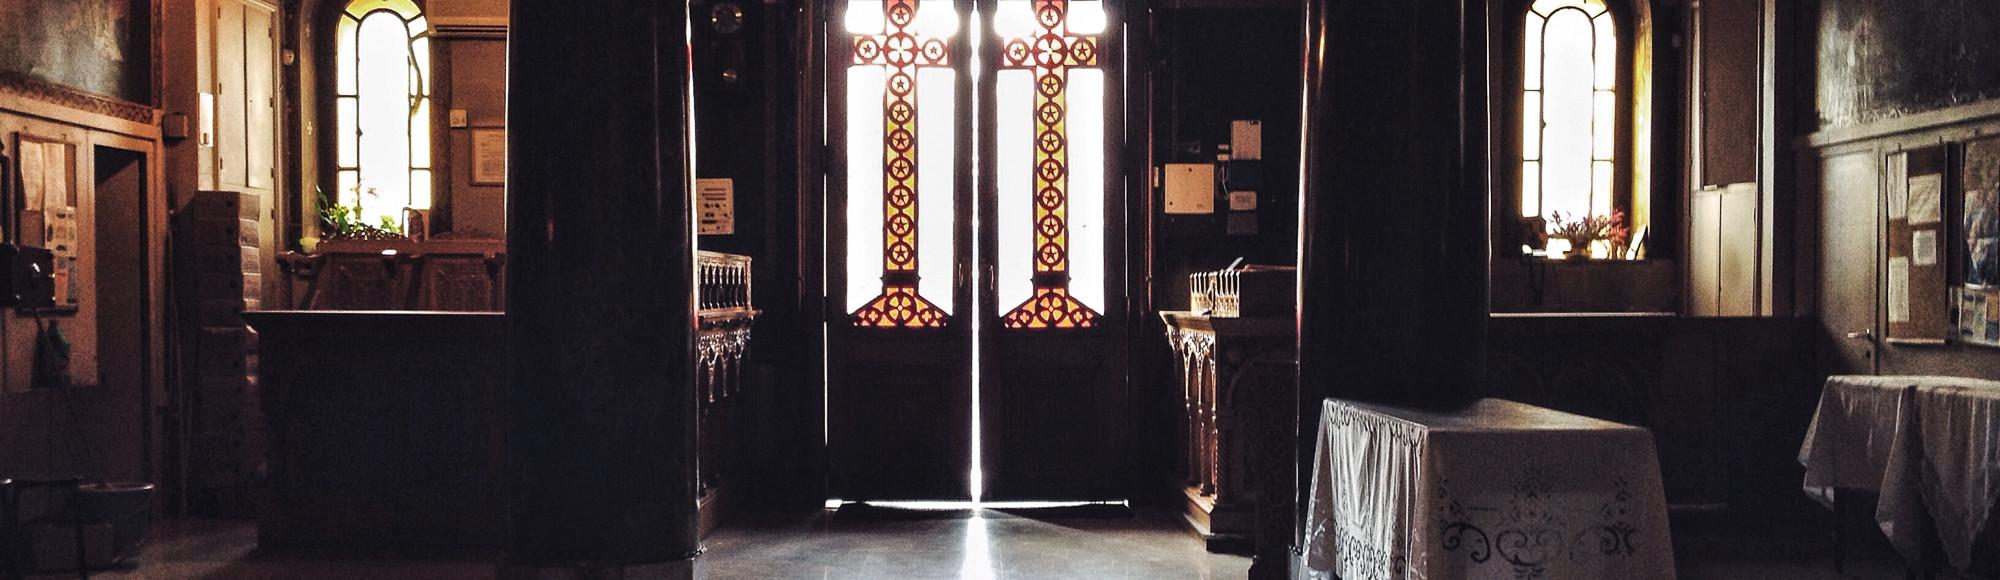 Η Εκκλησία των Εξορκισμών στο Πέραμα